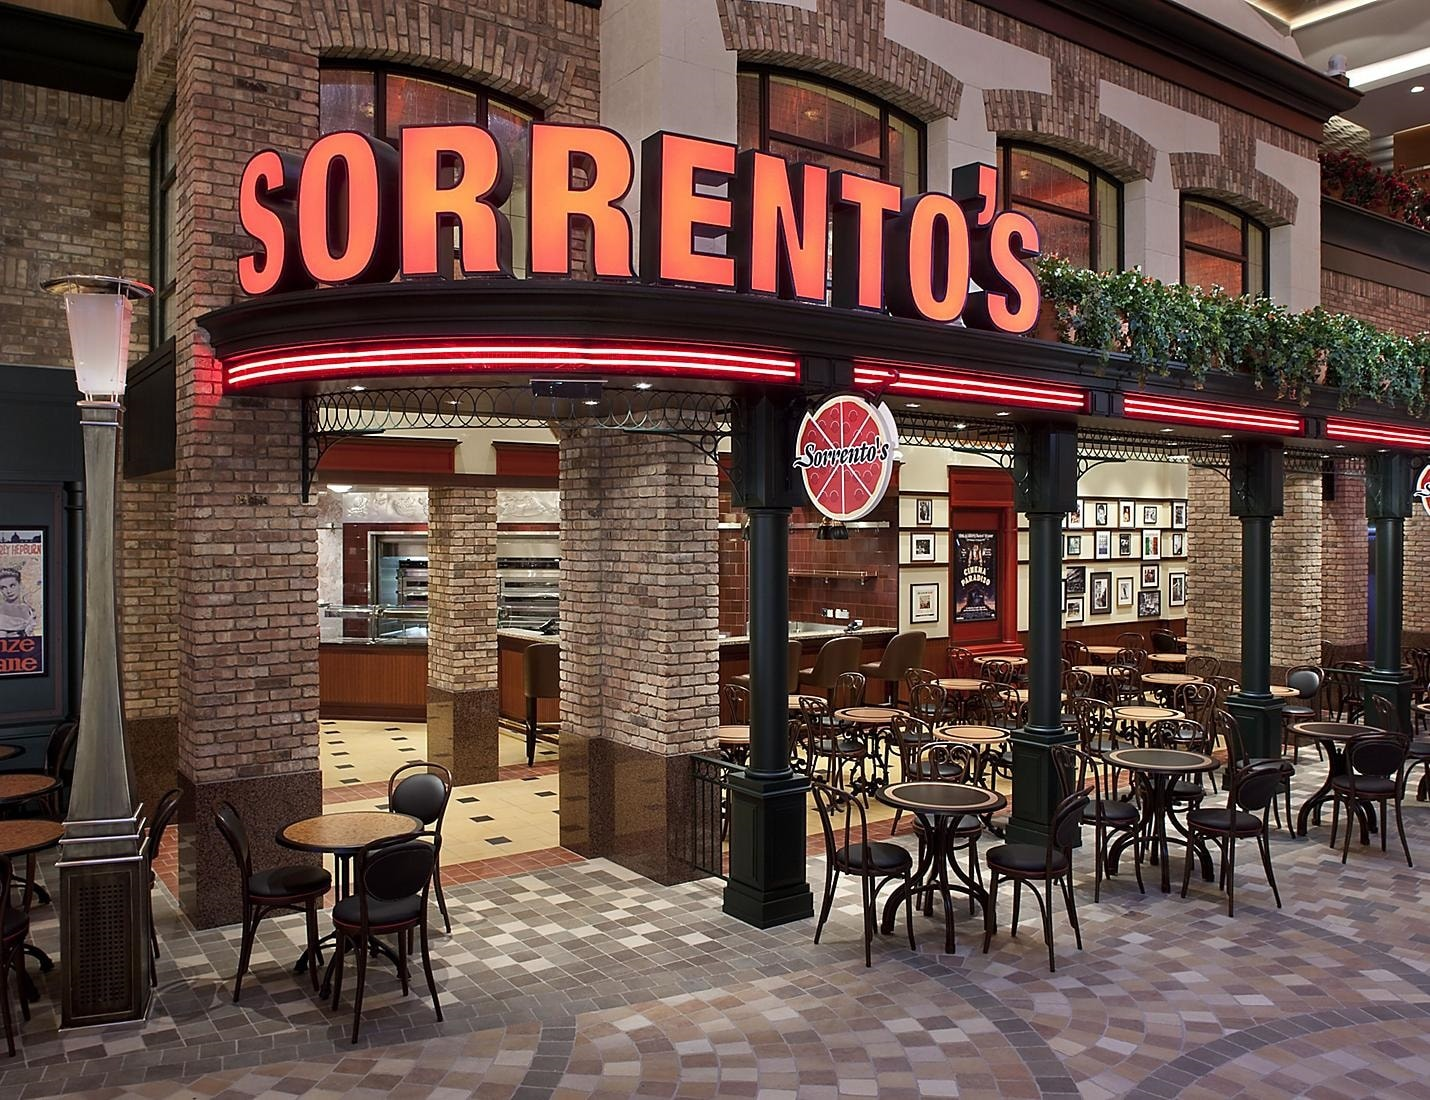 索伦托匹萨屋 Sorrento's Pizza